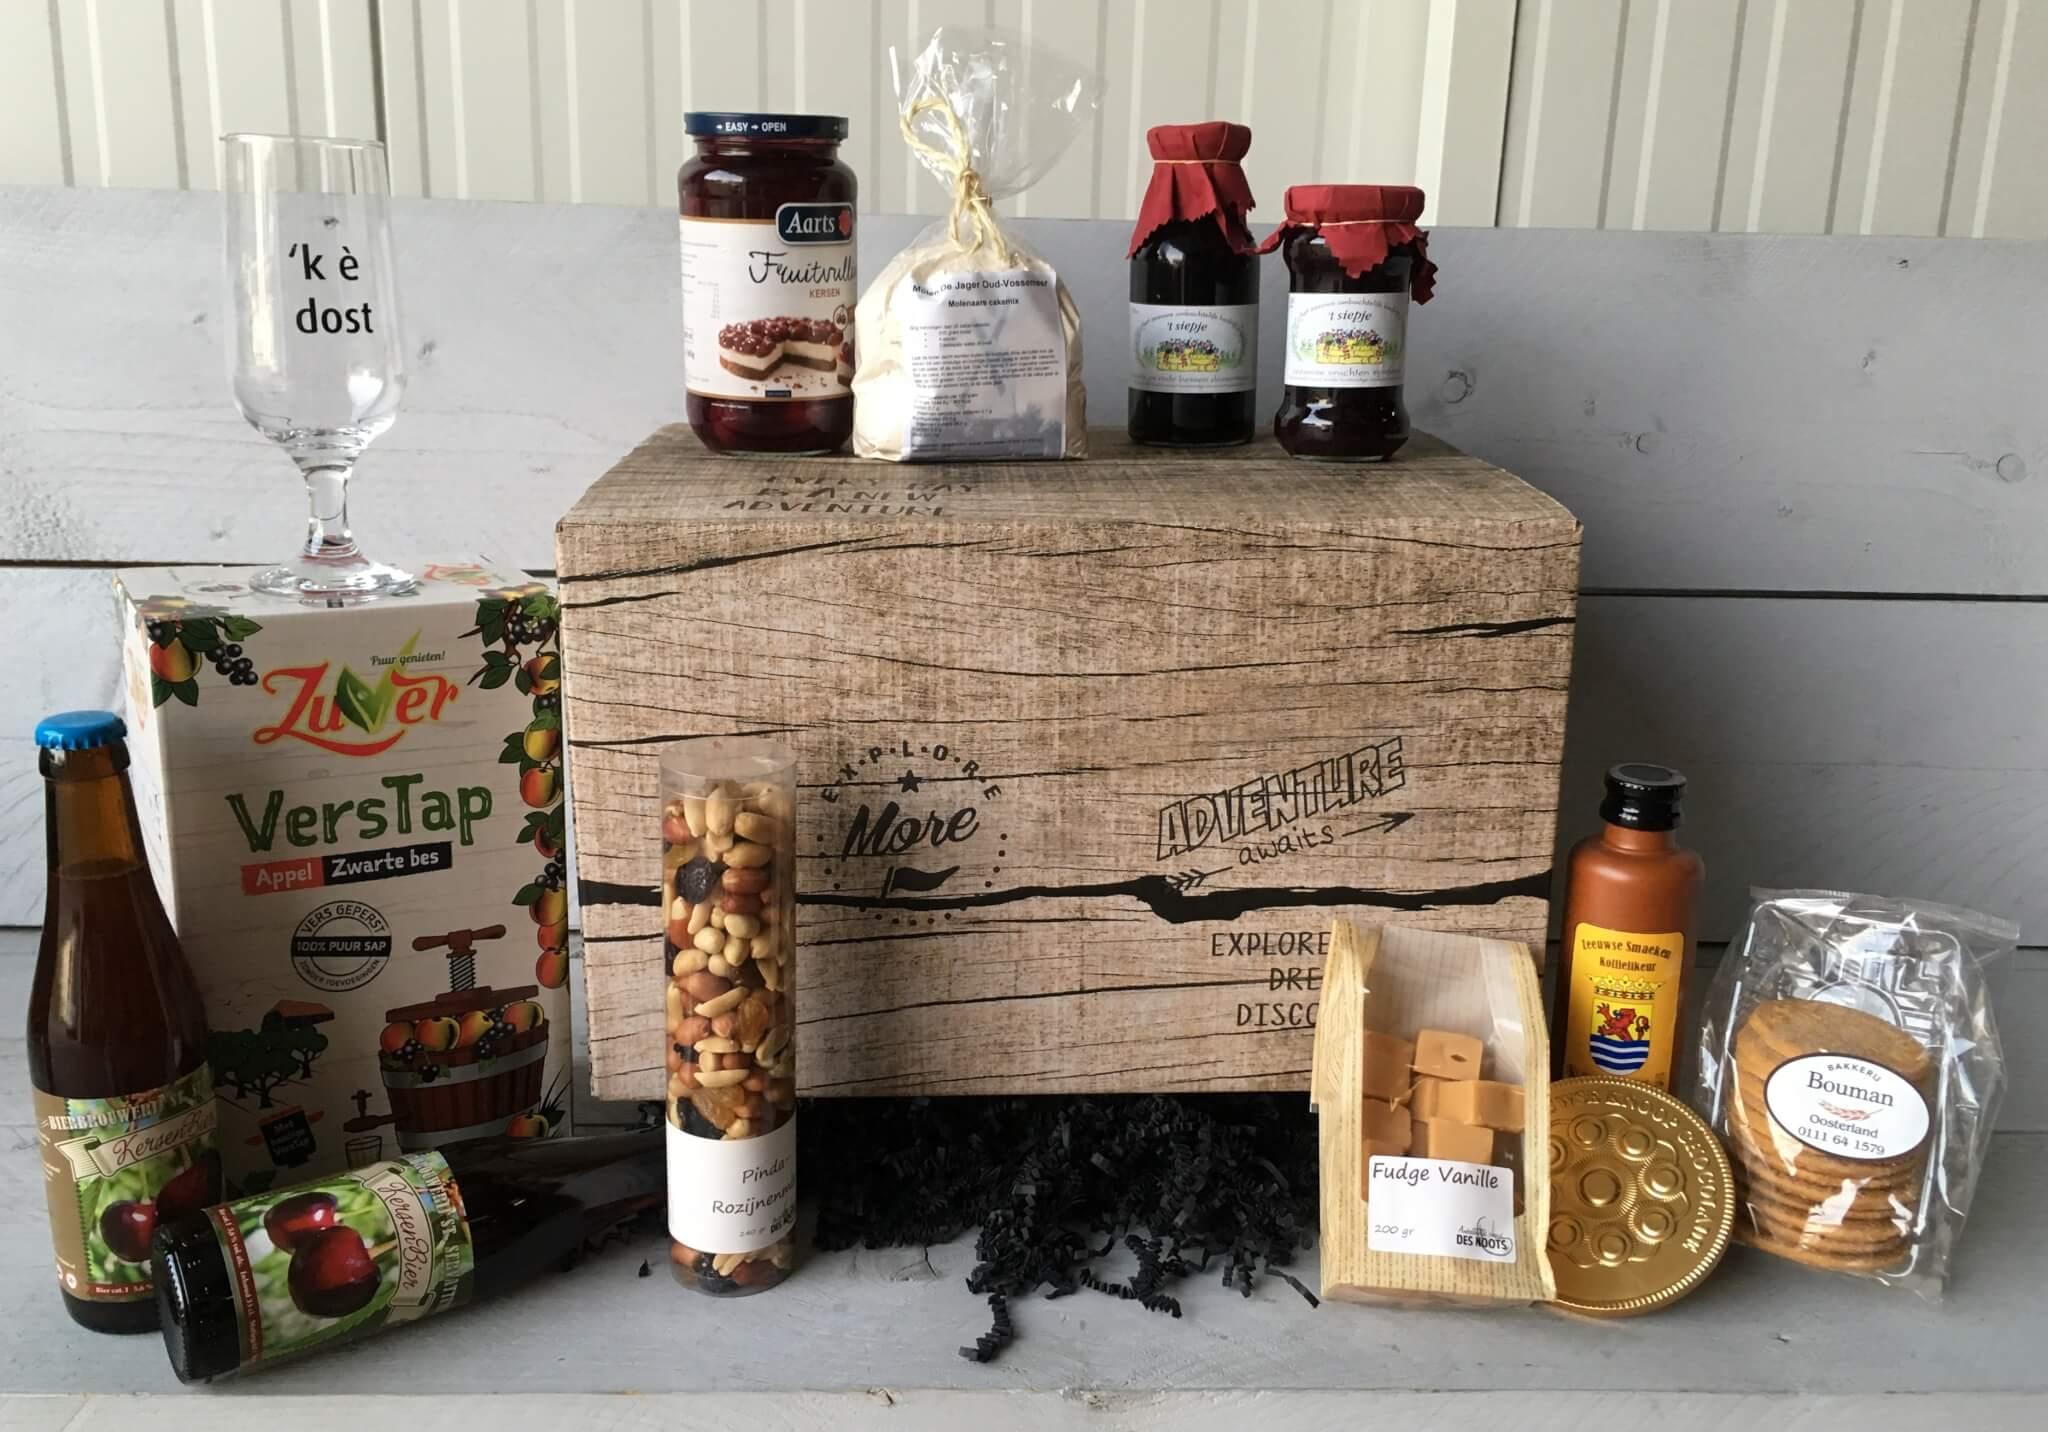 Fruitbedrijf Van den Berge: familiepakket